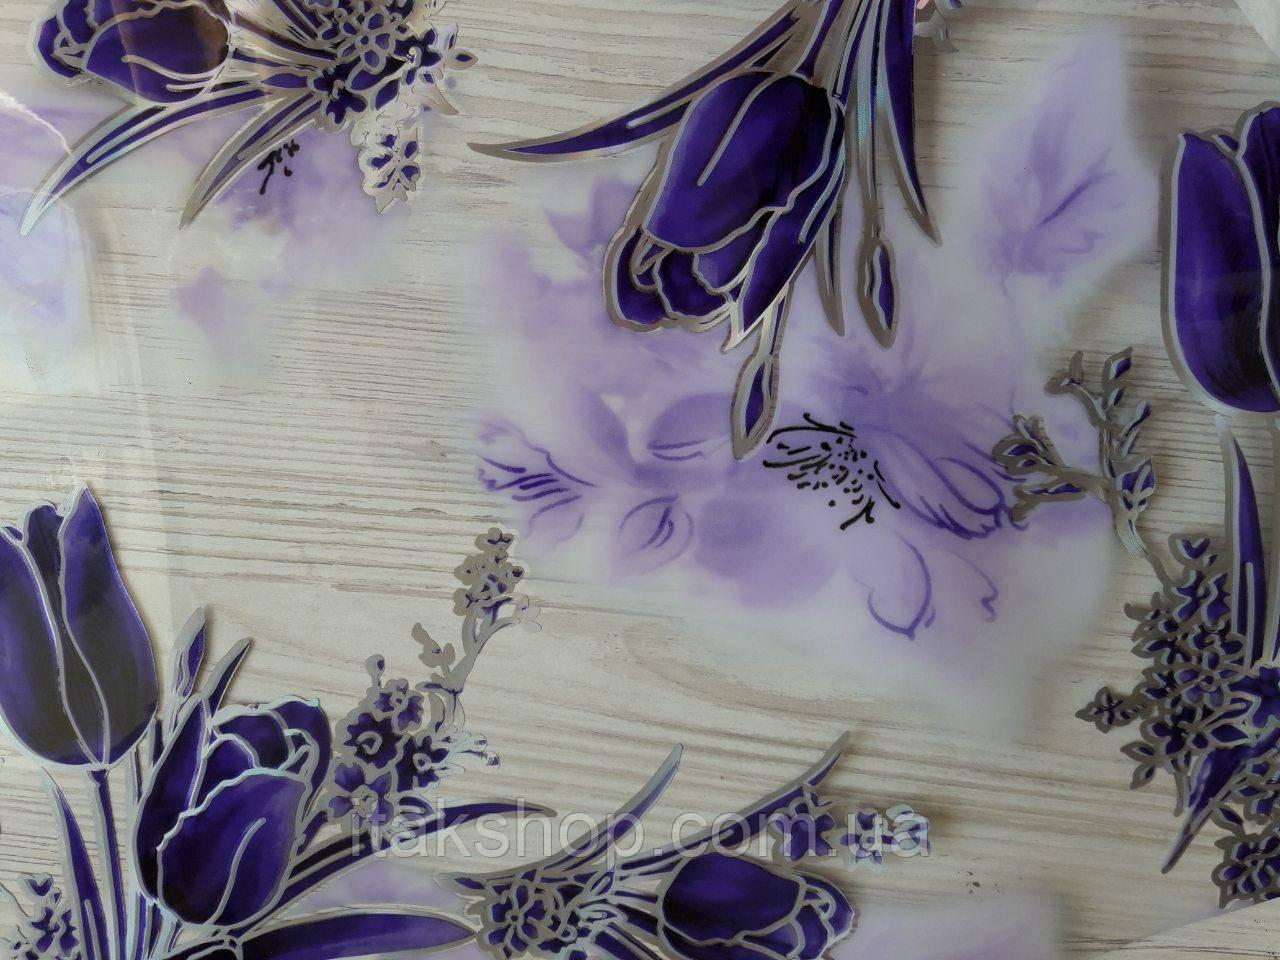 Мягкое стекло Скатерть с лазерным рисунком Soft Glass 1.7х0.8м толщина 1.5мм Фиолетовые тюльпаны